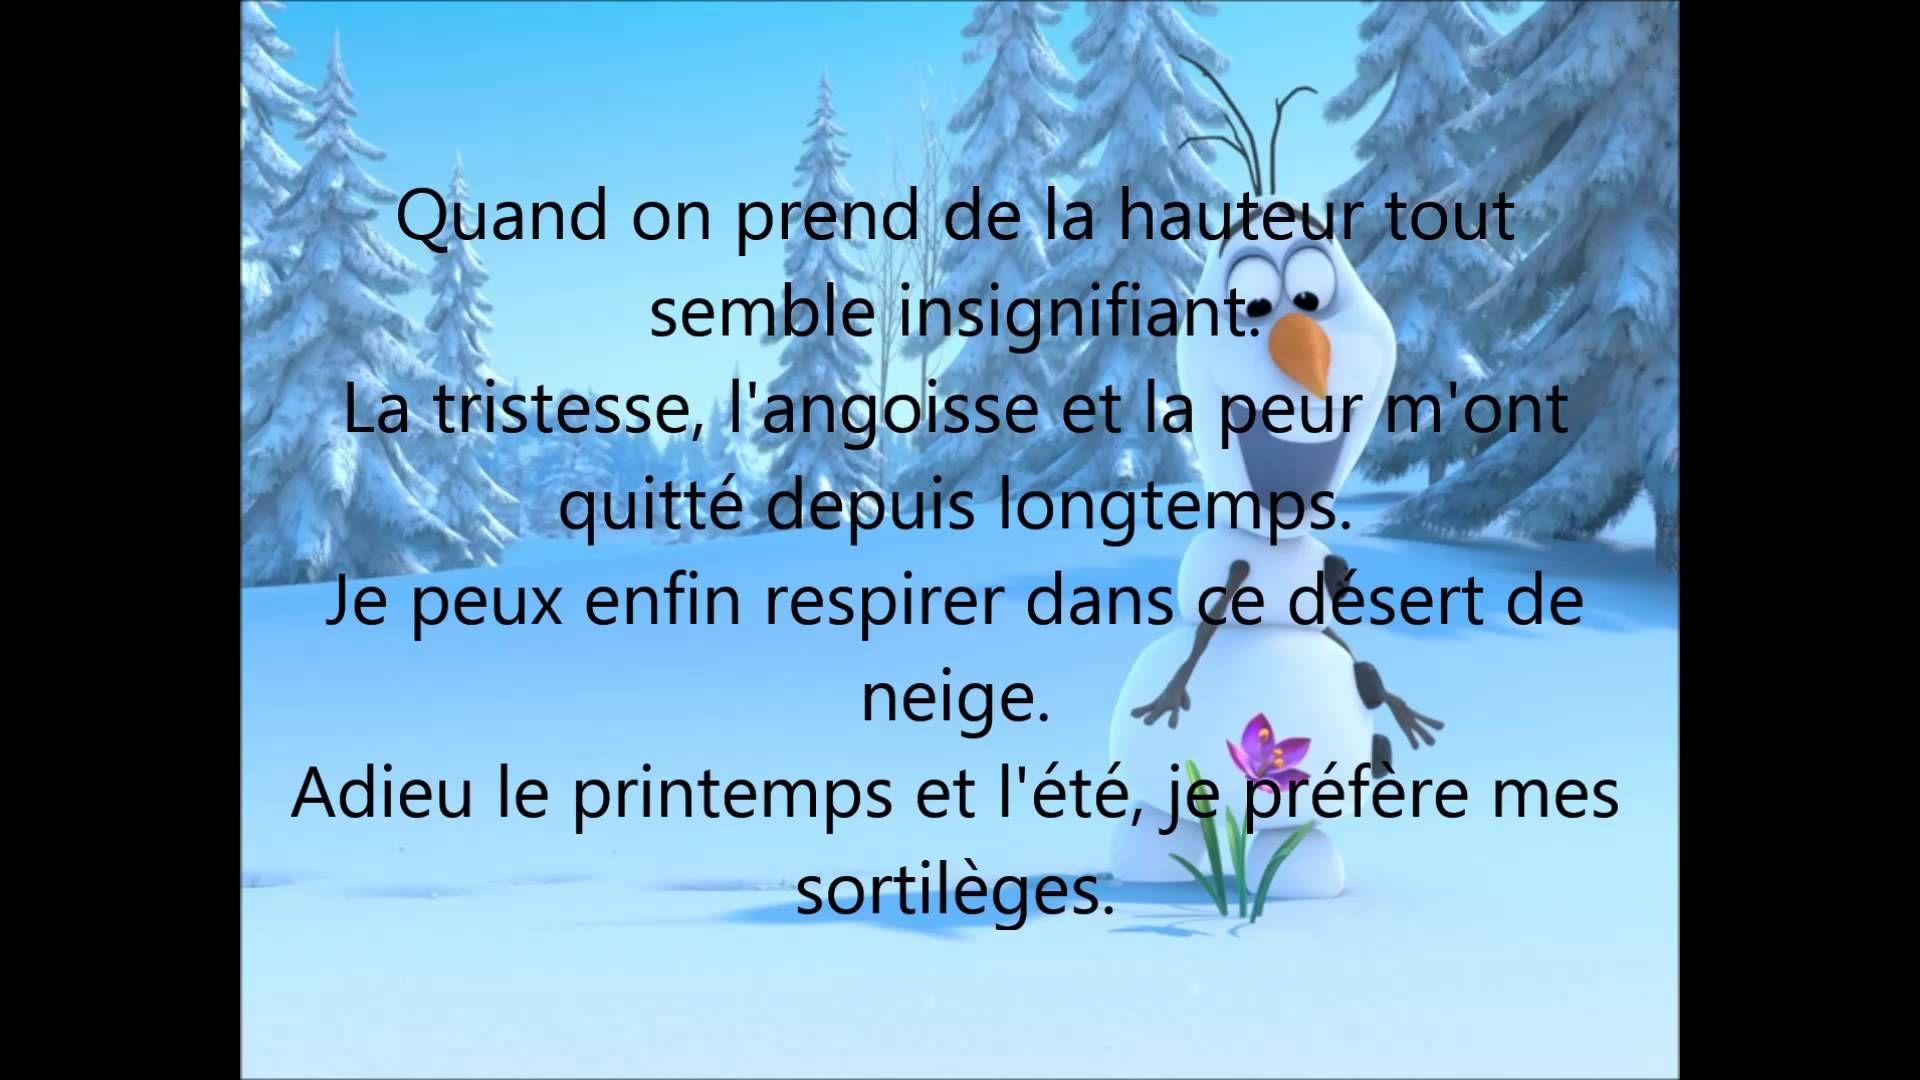 Lib r e d livr e la reine des neiges ana s delva lyrics hd reine des neiges reine - Telecharger chanson reine des neiges ...